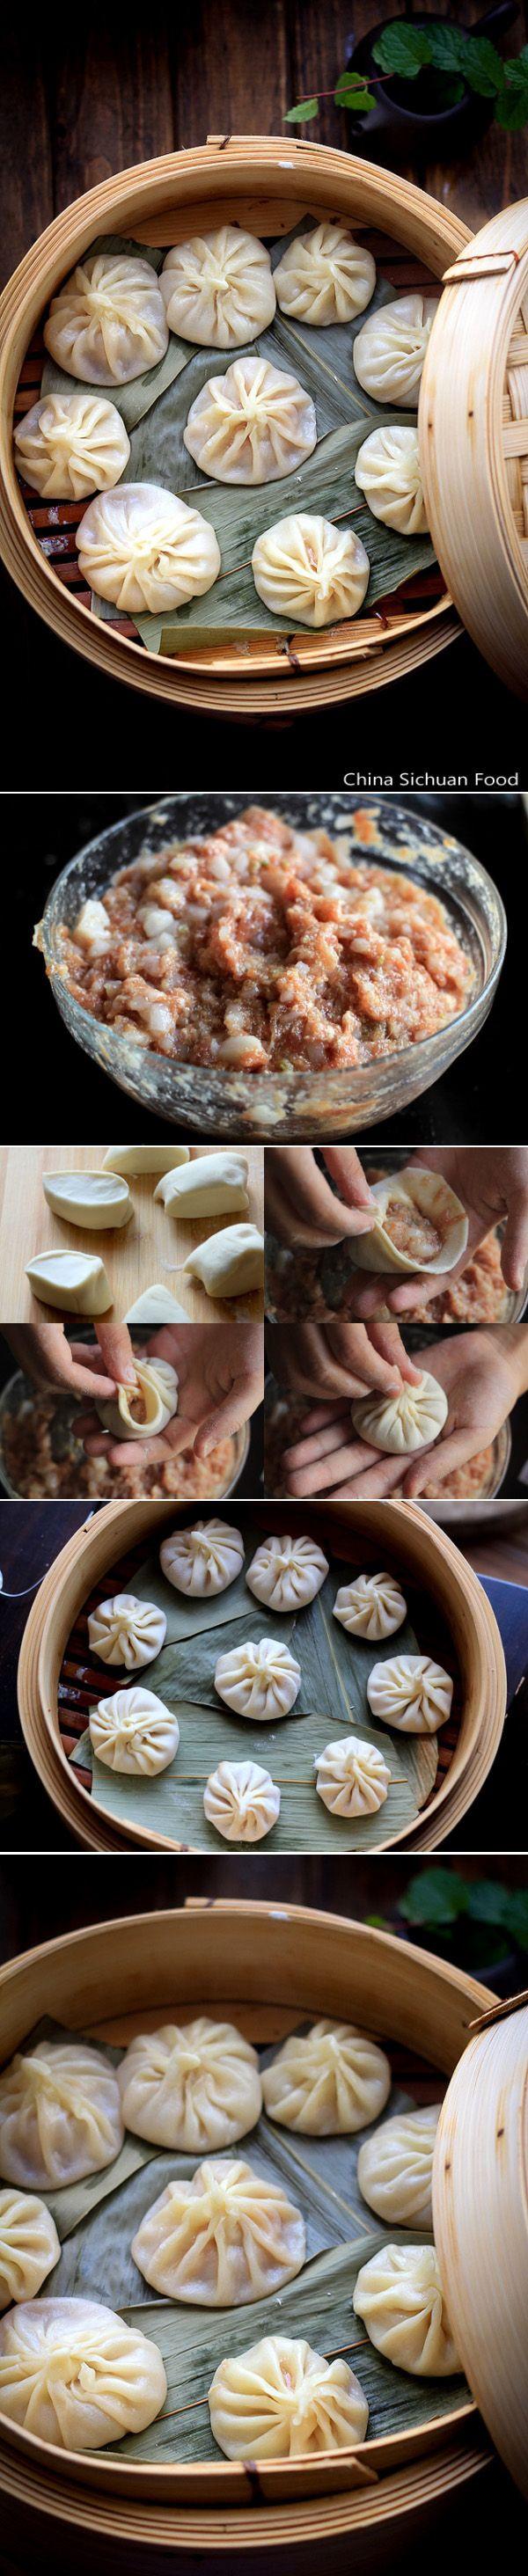 Soup Dumplings Recipe  Soup Dumplings Xiao Long Bao Recipe — Dishmaps